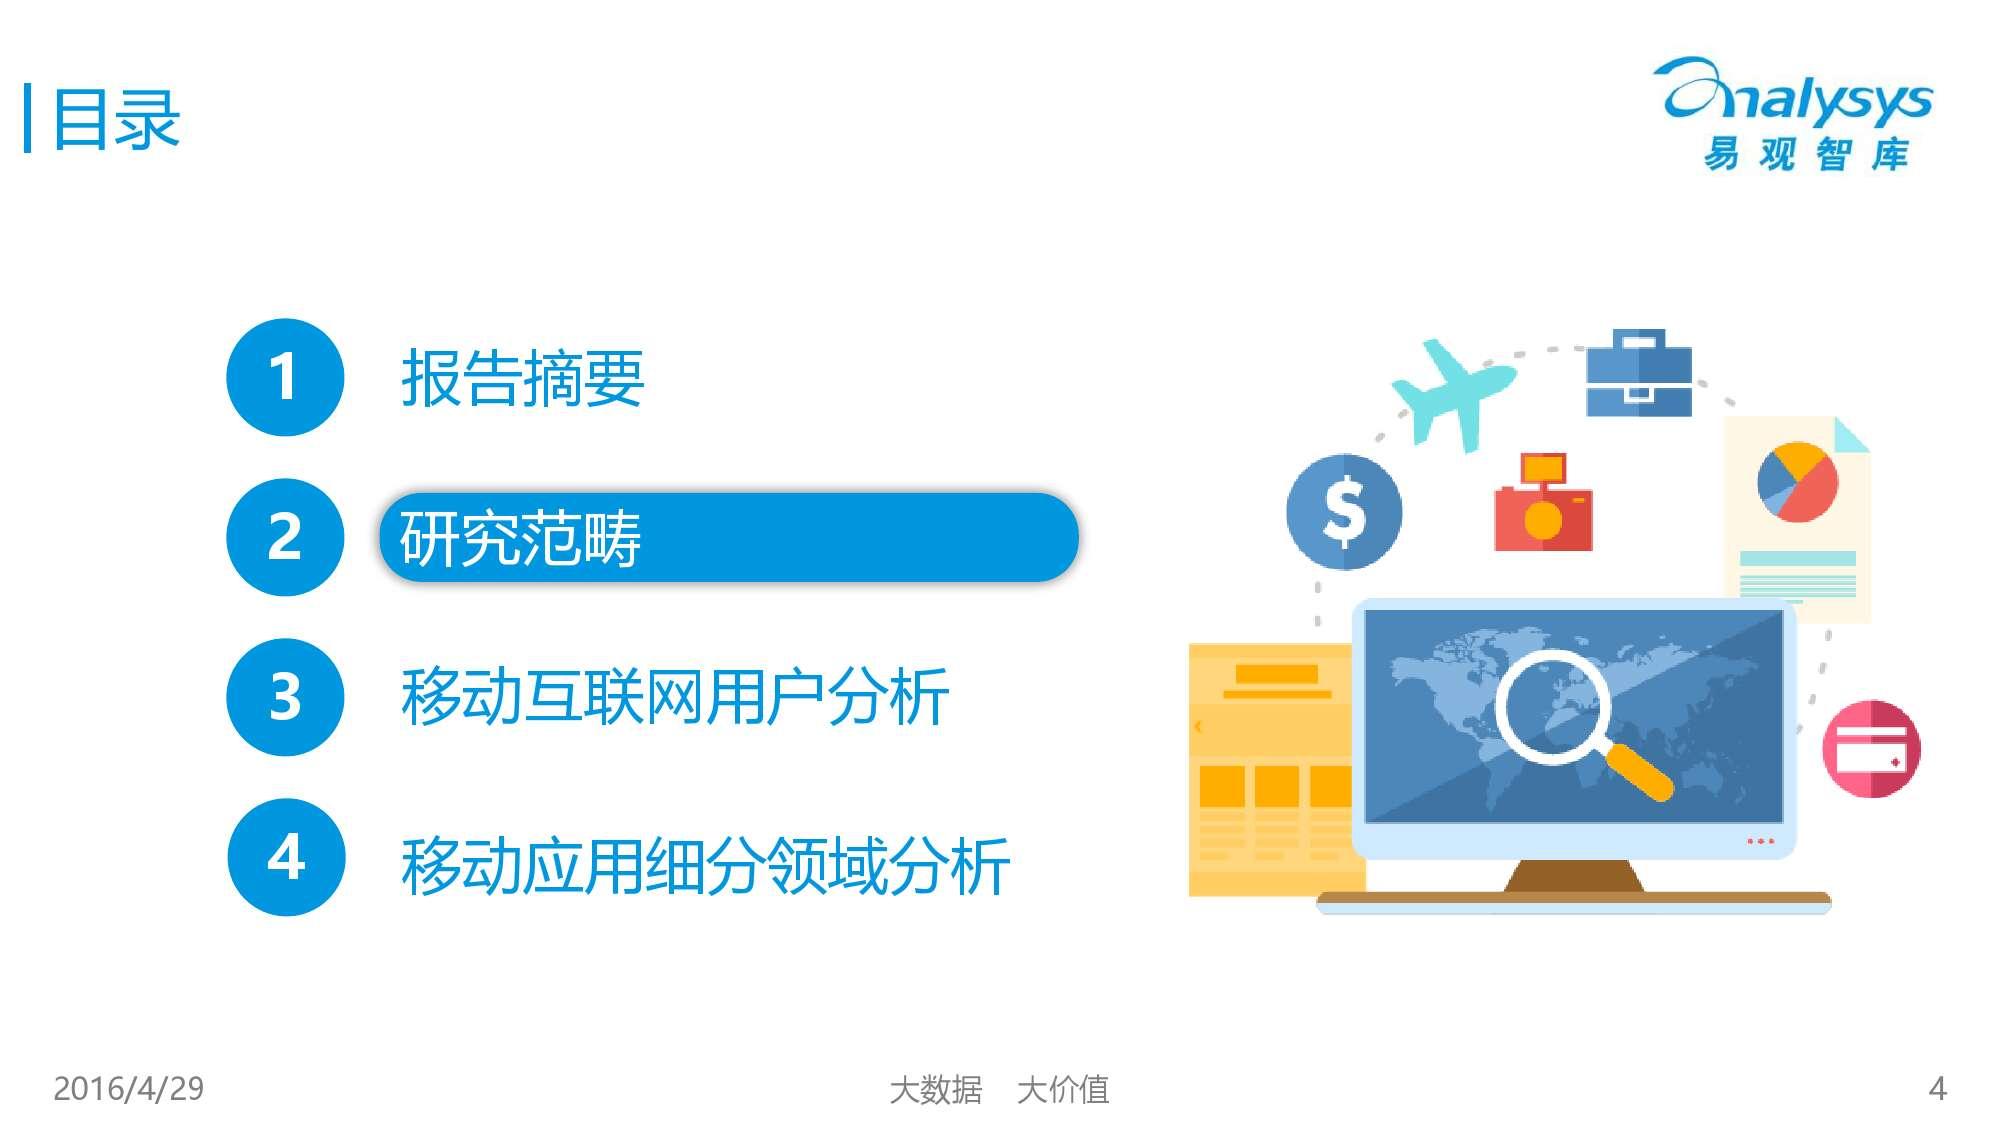 中国移动互联网用户行为统计报告2016_000004